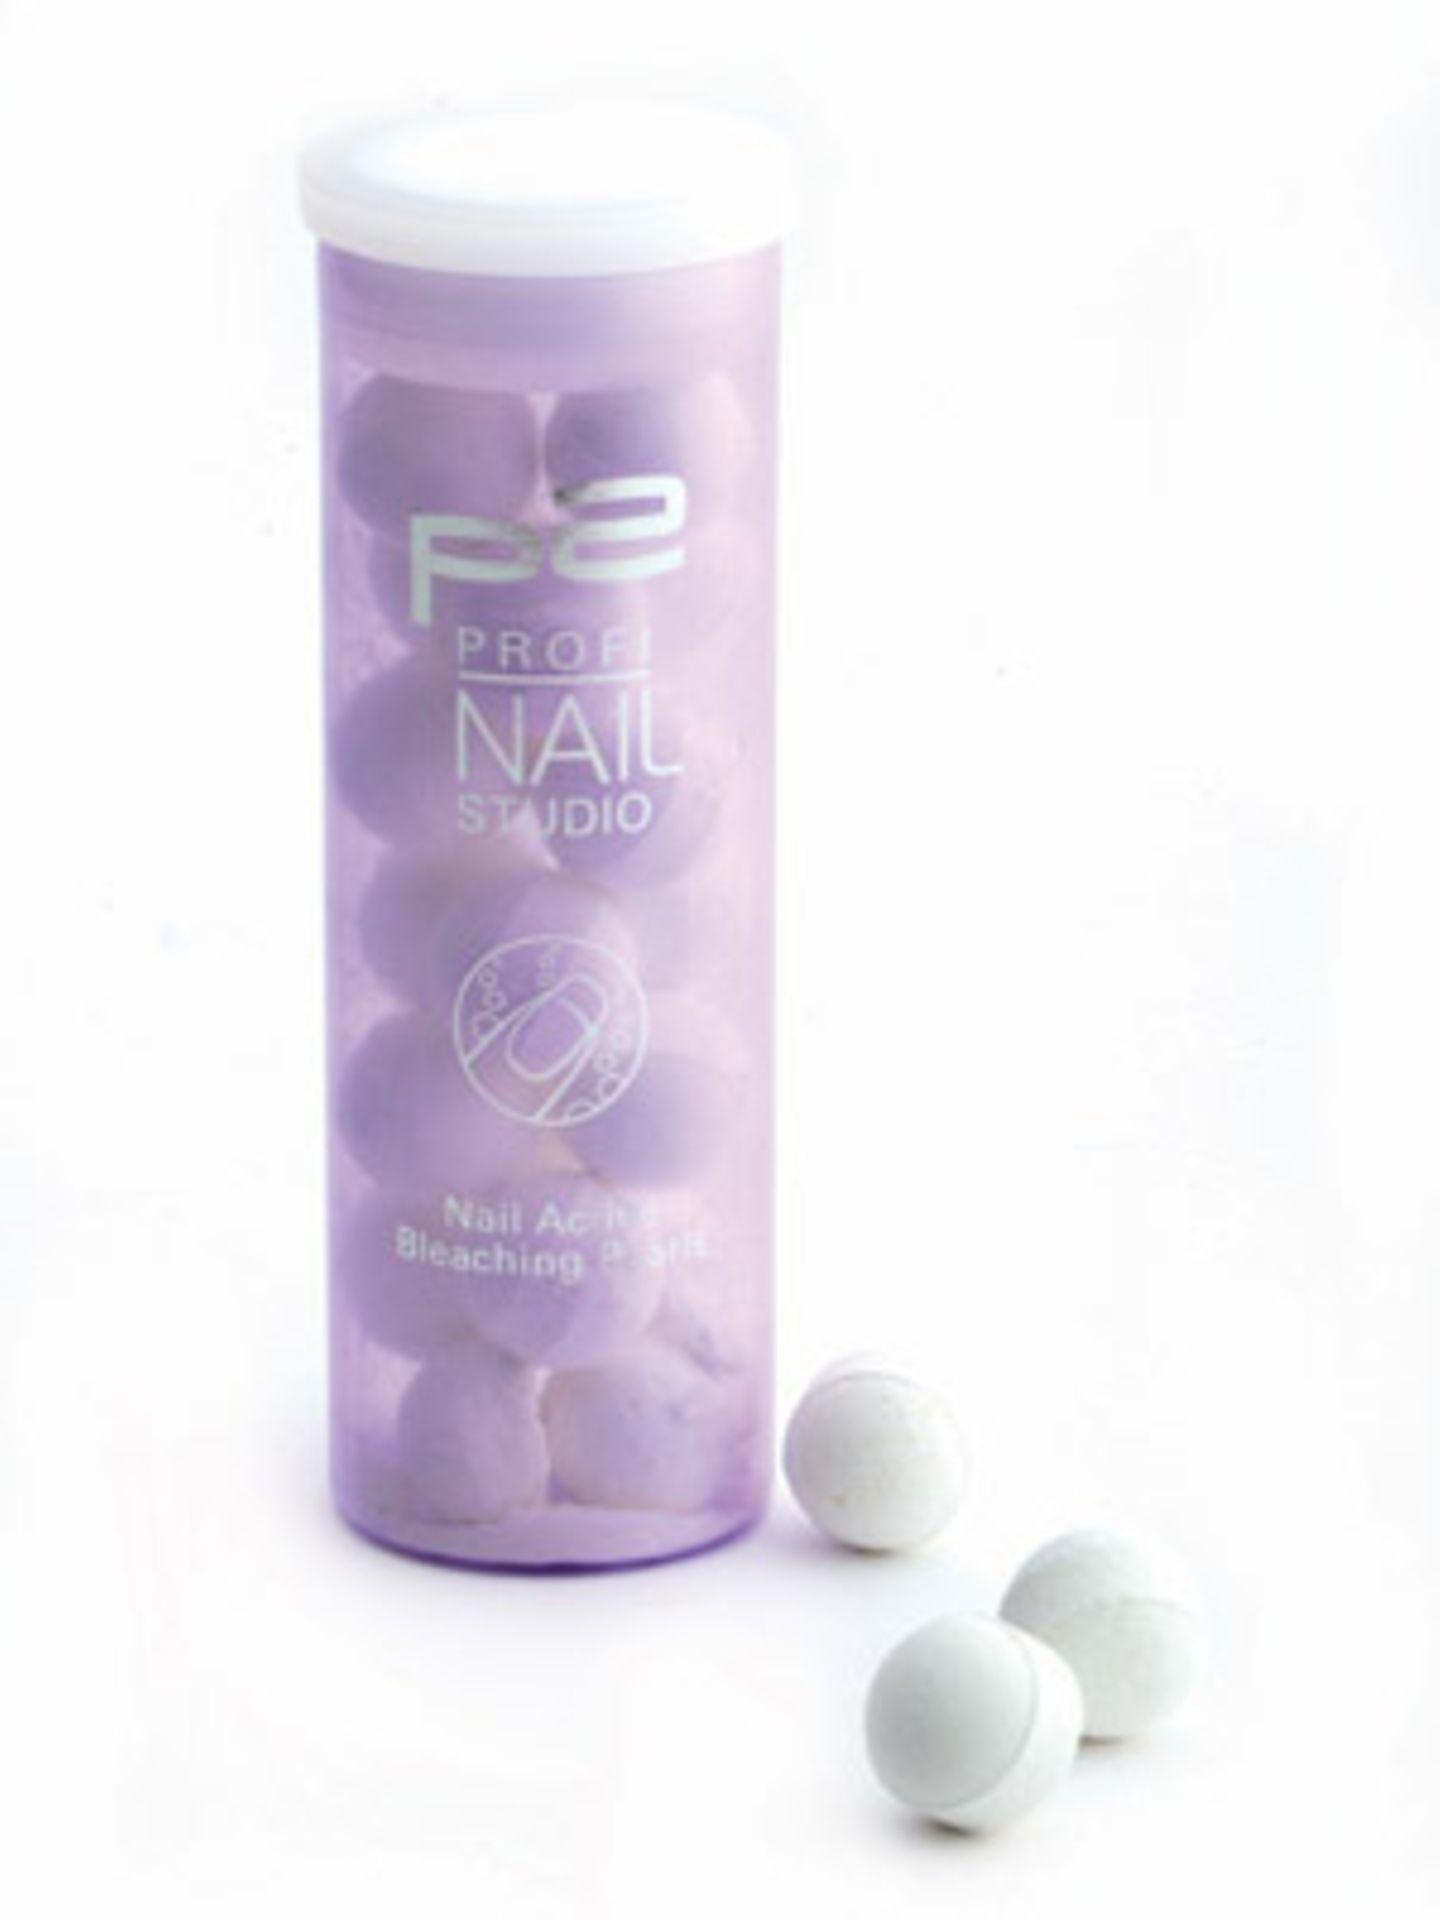 Sprudel-Tabletten mit aufhellender Wirkung bleichen vergilbte Nägel. Von P2, ca. 3,50 Euro.